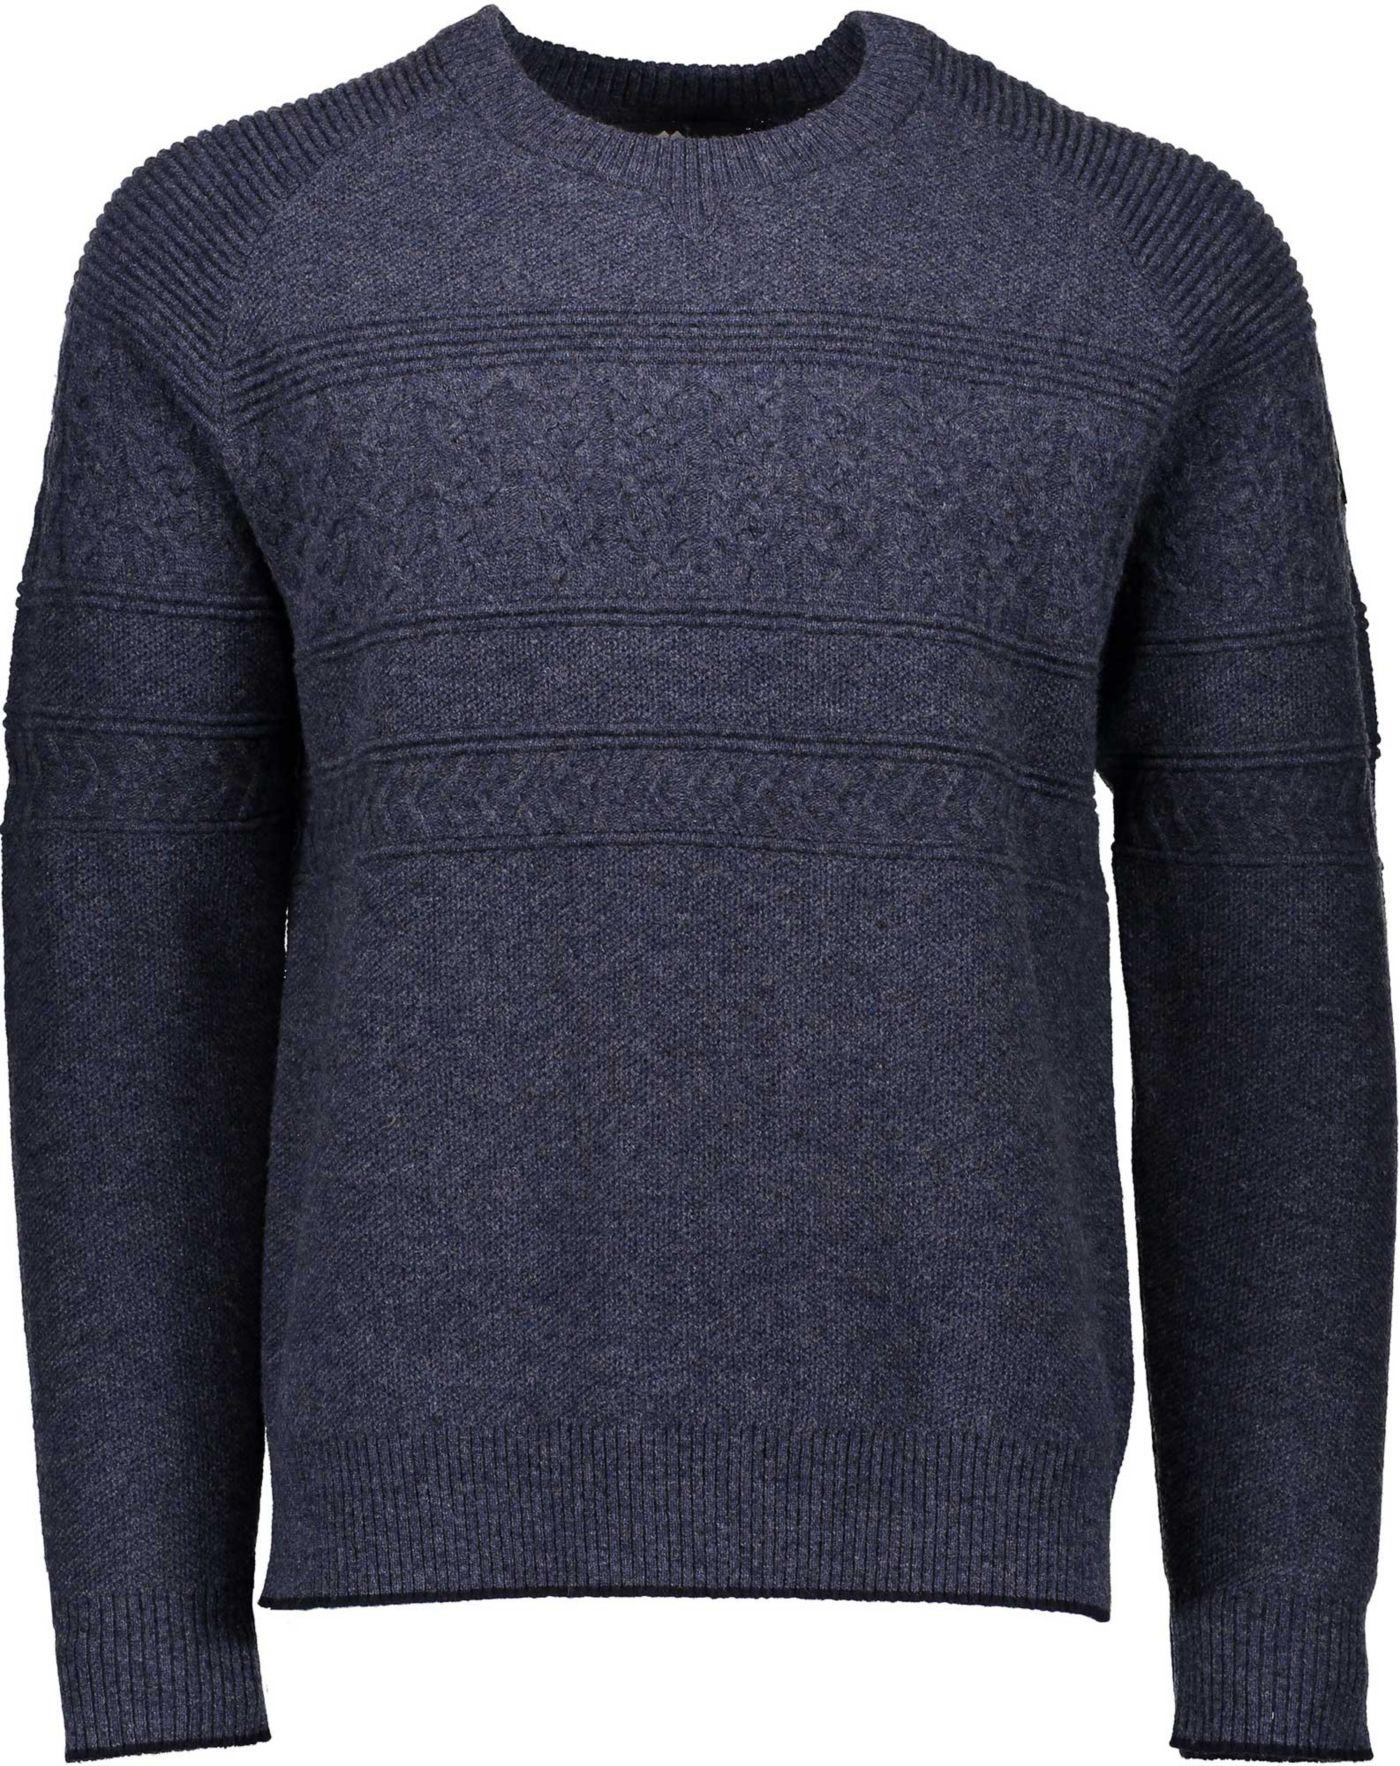 Obermeyer Men's Textured Crew Neck Sweater